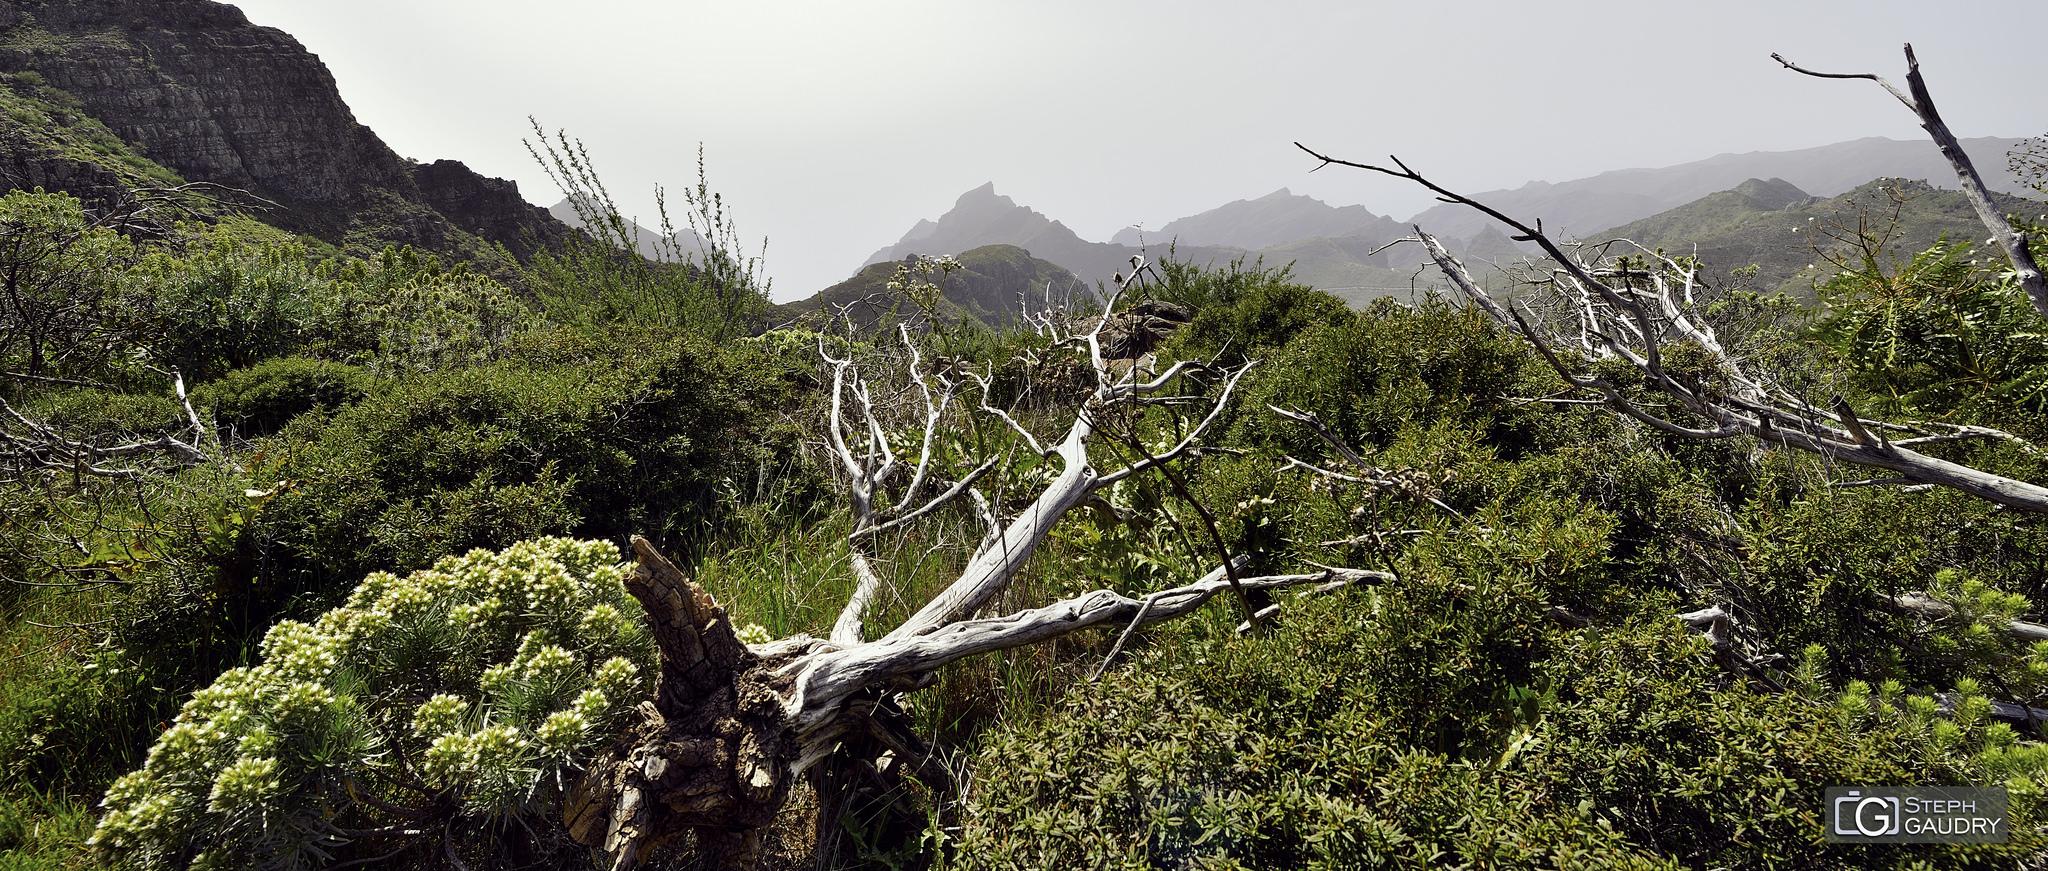 Barranco de Masca [Cliquez pour lancer le diaporama]